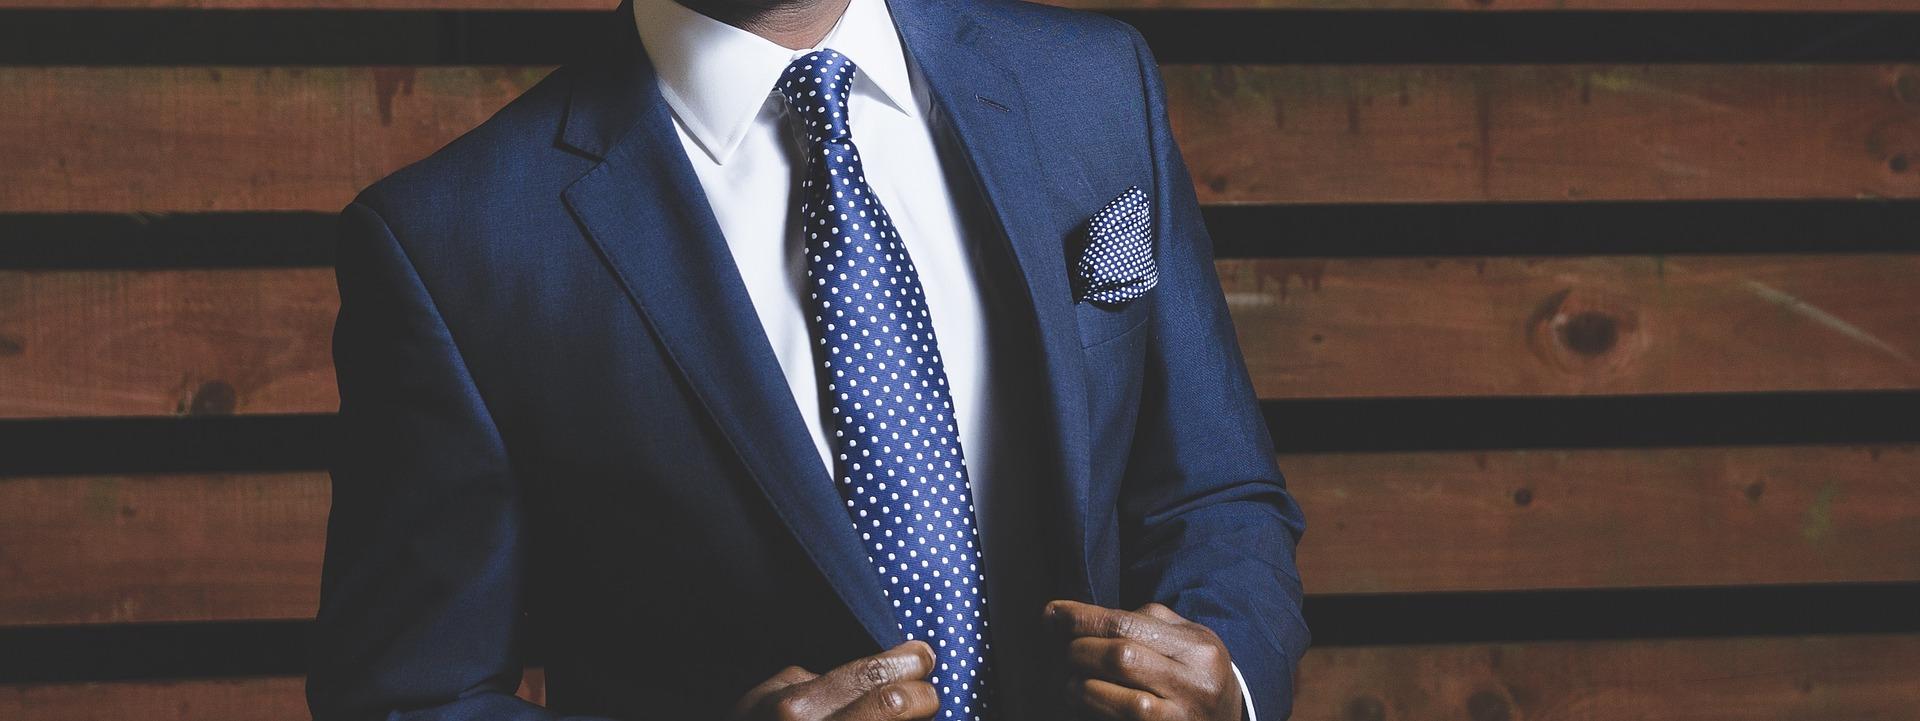 ¿Qué trajes de hombre están de moda?